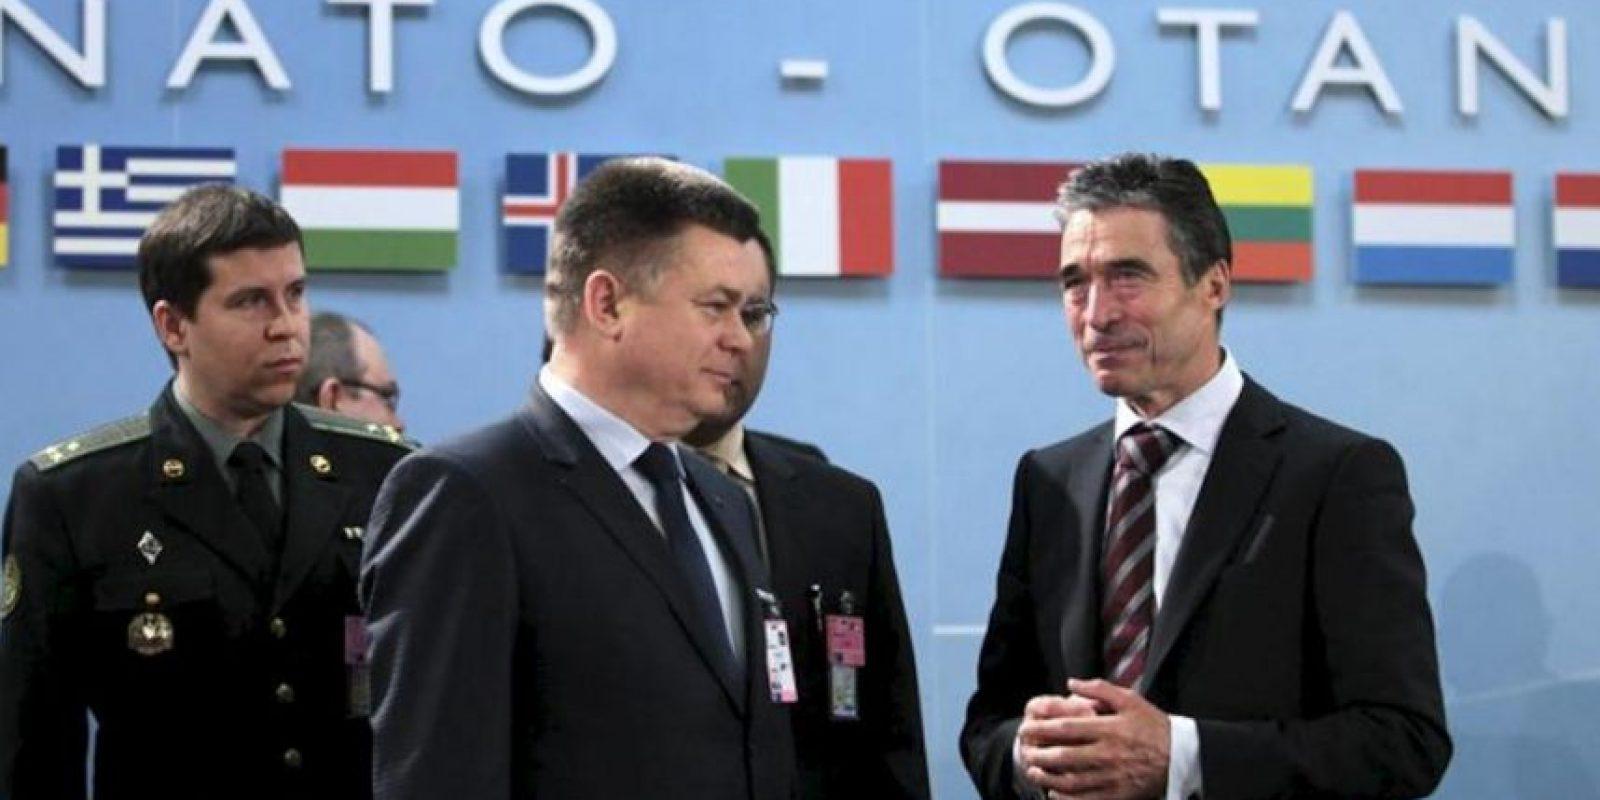 El ministro ucraniano de Defensa, Pavlo Lebedev (c), charla con el secretario general de la OTAN, el danés Anders Fogh Rasmussen (der), antes del encuentro de los ministros de Defensa de la Alianza Atlántica con Ucrania, en la sede de la organización en Bruselas, Bélgica, hoy viernes 22 de febrero de 2013. EFE